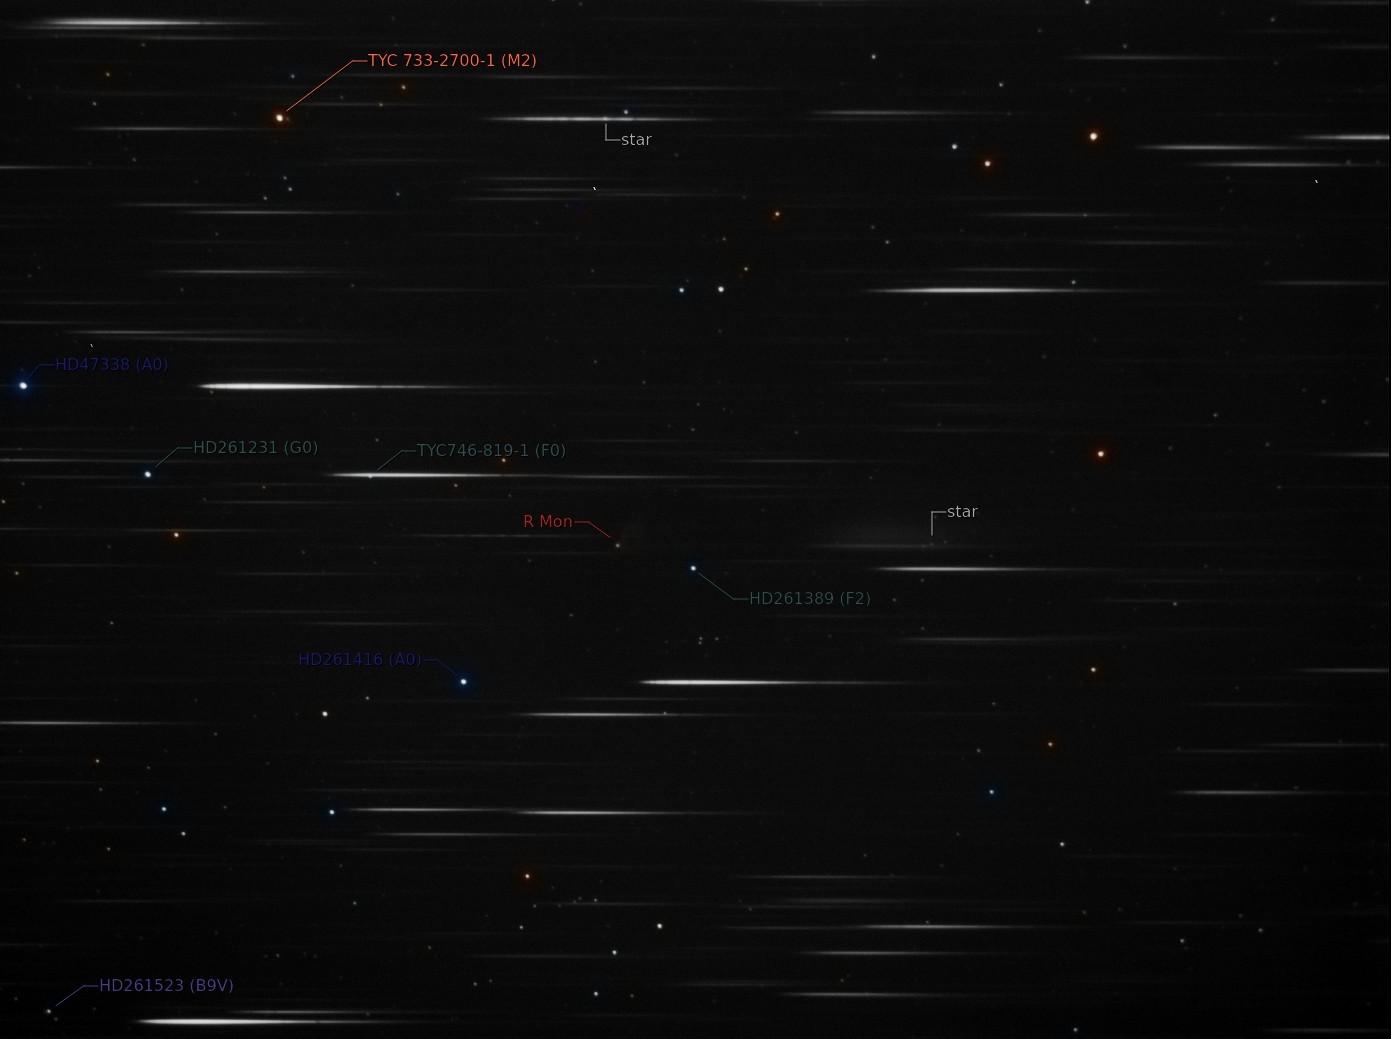 La nébuleuse variable de Hubble et son bébé étoile R Mon Spectr12